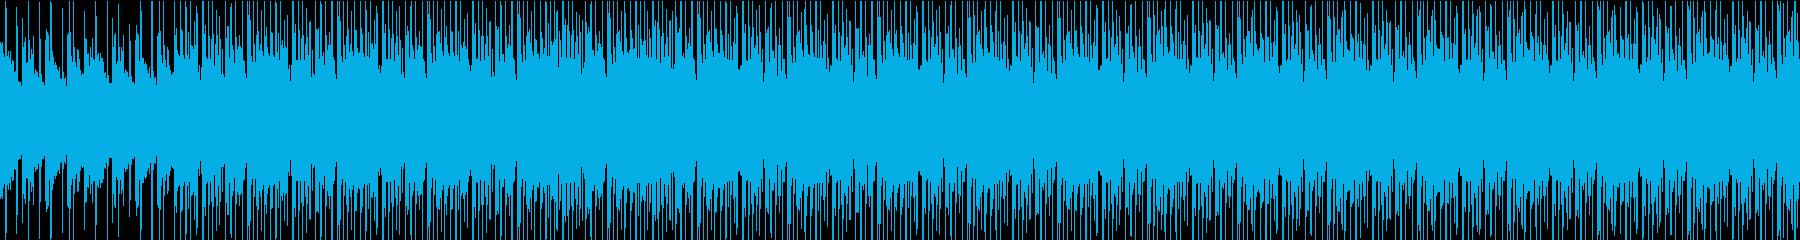 【ループ】クラップとピアノが印象的なおしの再生済みの波形